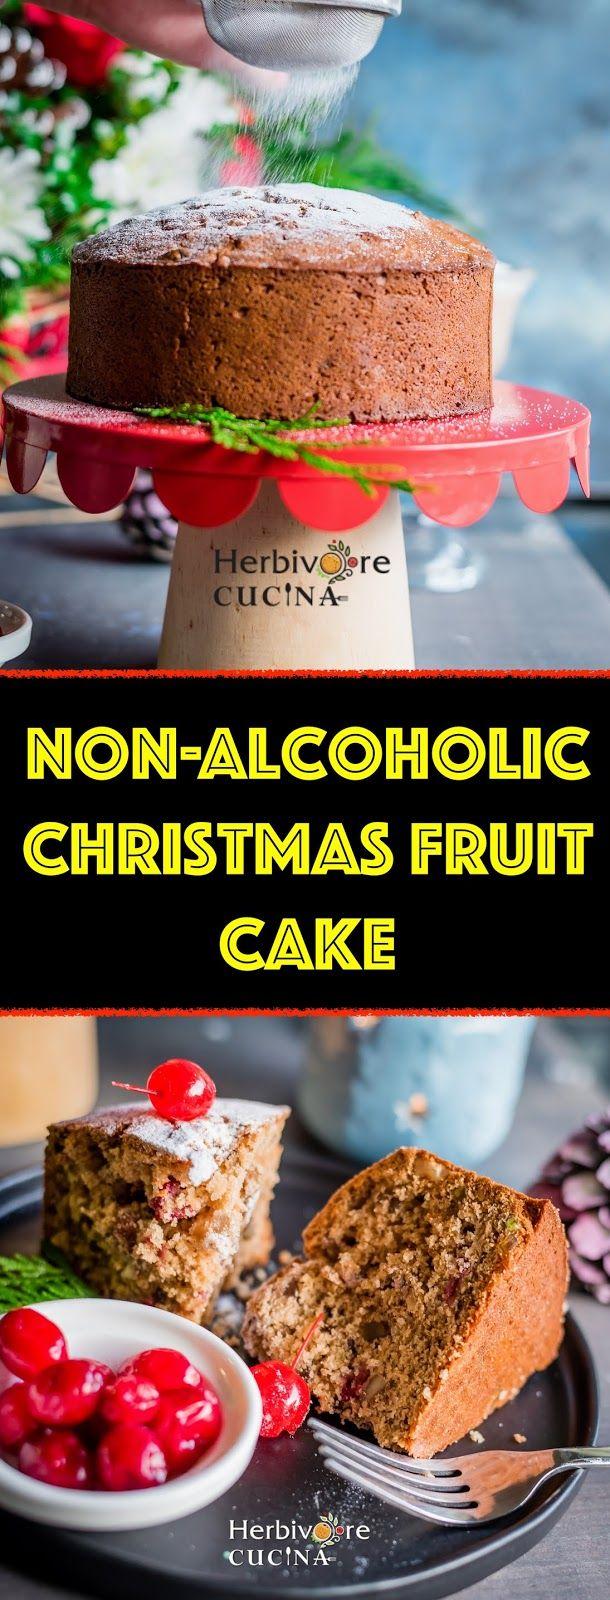 Non Alcoholic Christmas Fruit Cake Fruit Cake Christmas Fruit Cake Christmas Cake Recipes